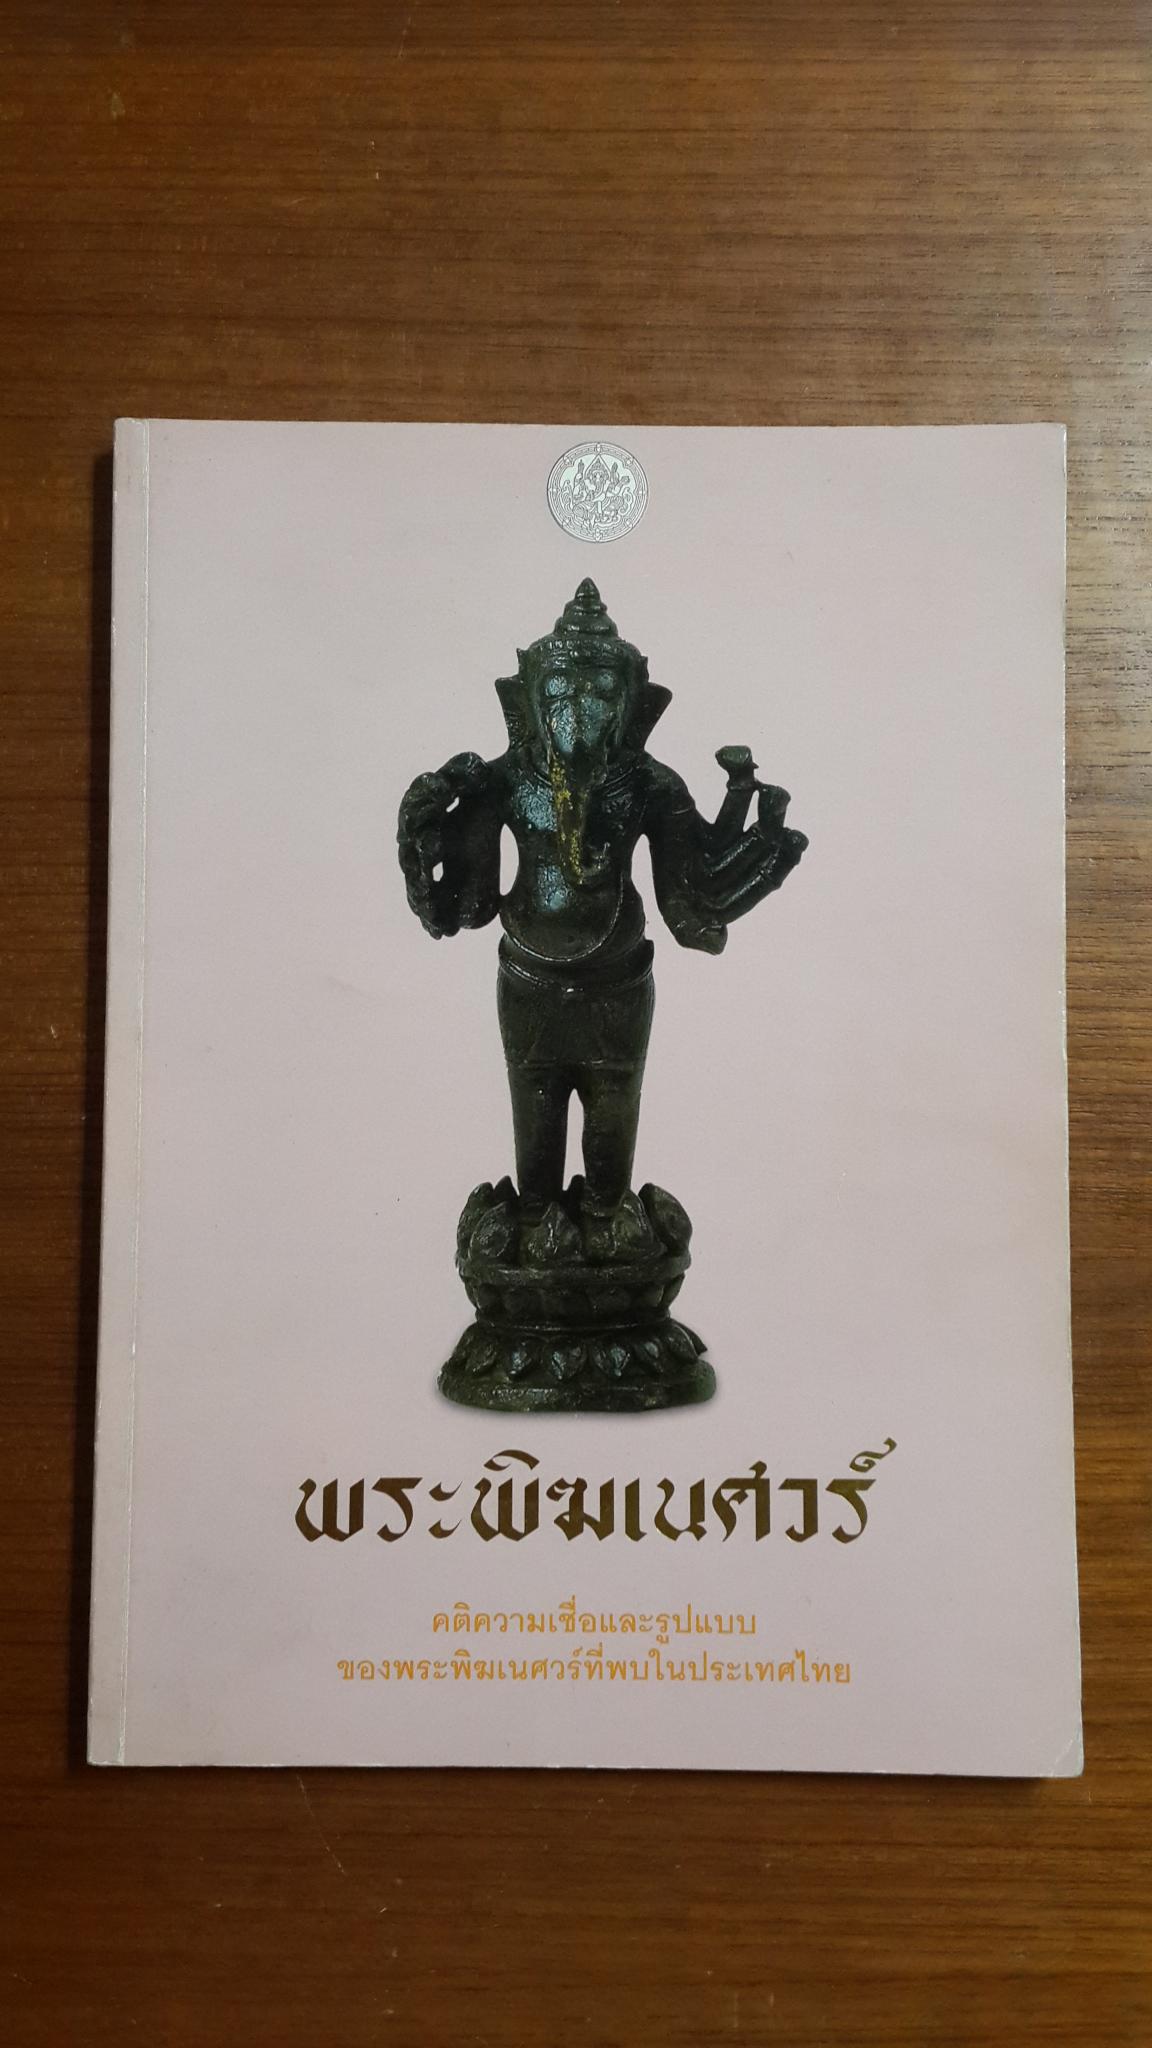 พระพิฆเนศวร์ : คติความเชื่อและรูปแบบของพระพิฆเนศวร์ที่พบในประเทศไทย / จิรัสสา คชาชีวะ